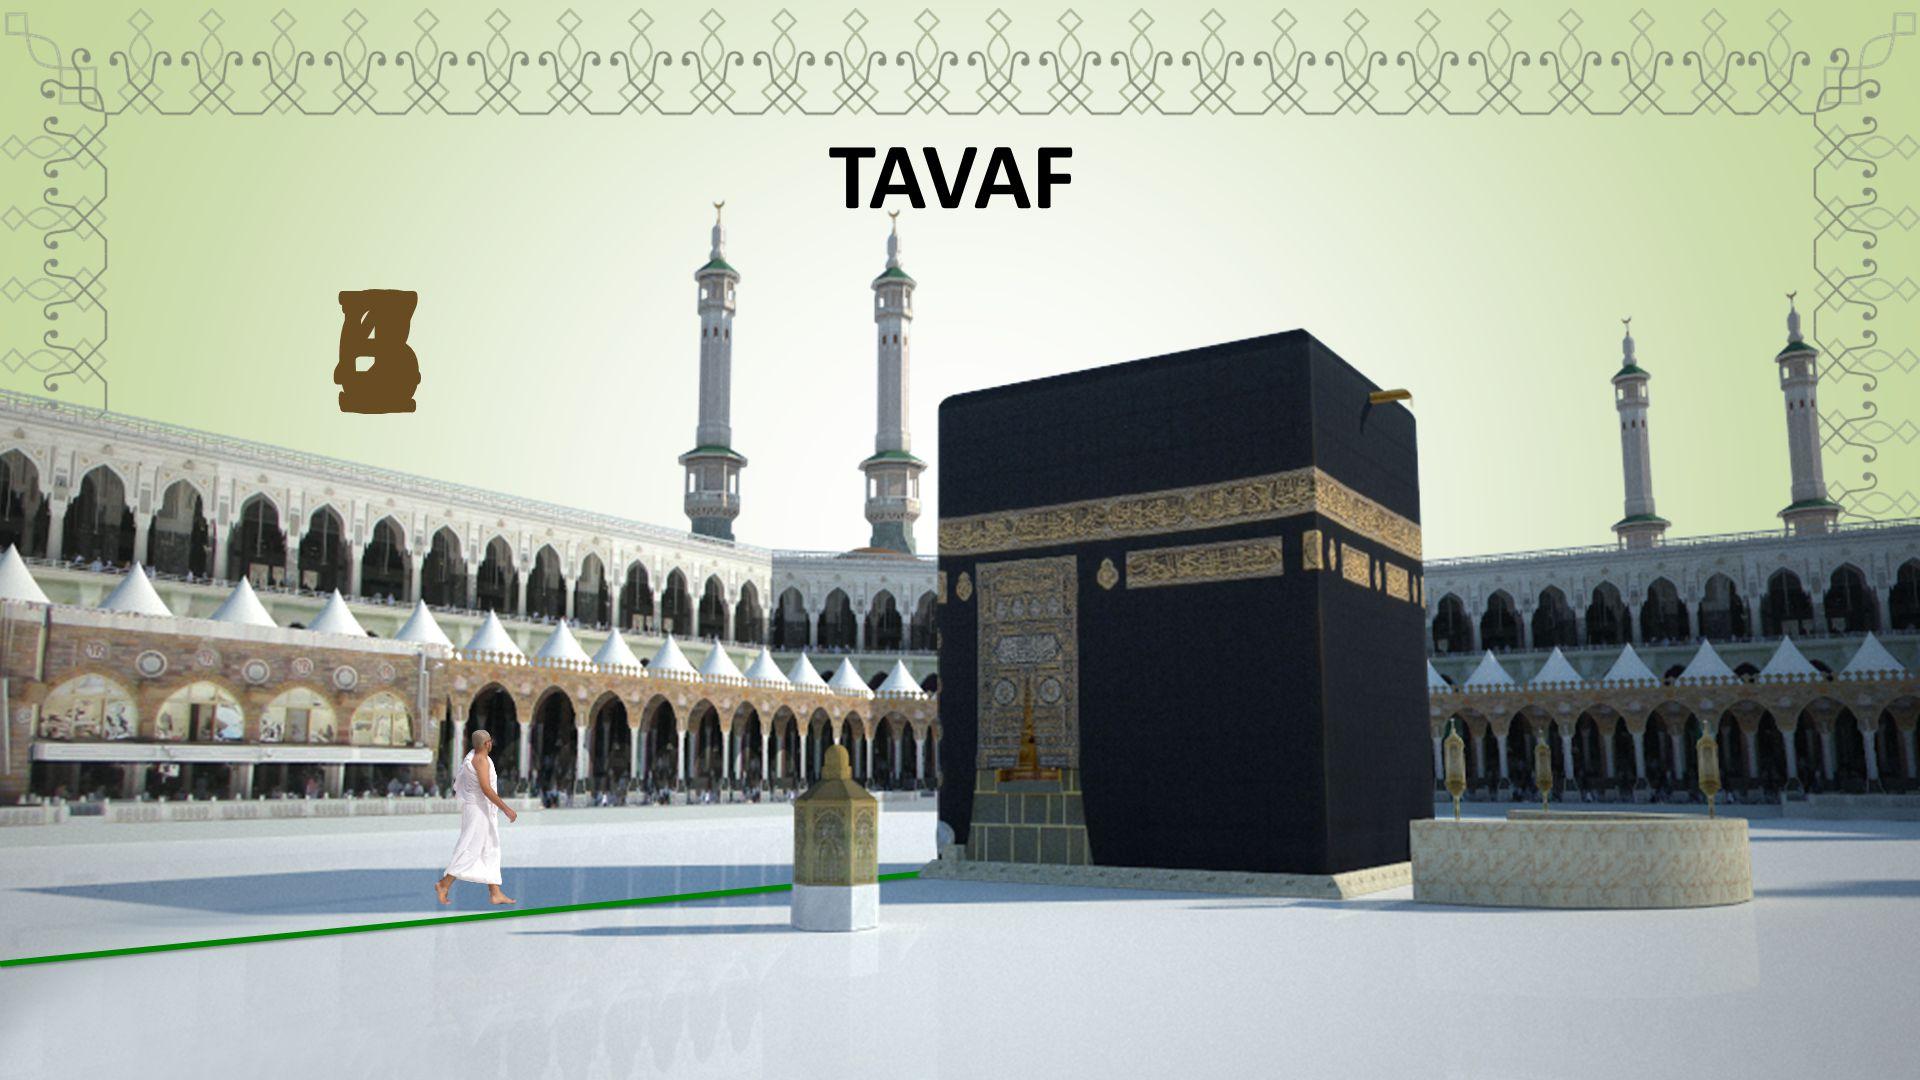 TAVAF 6 7 5 4 2 3 1